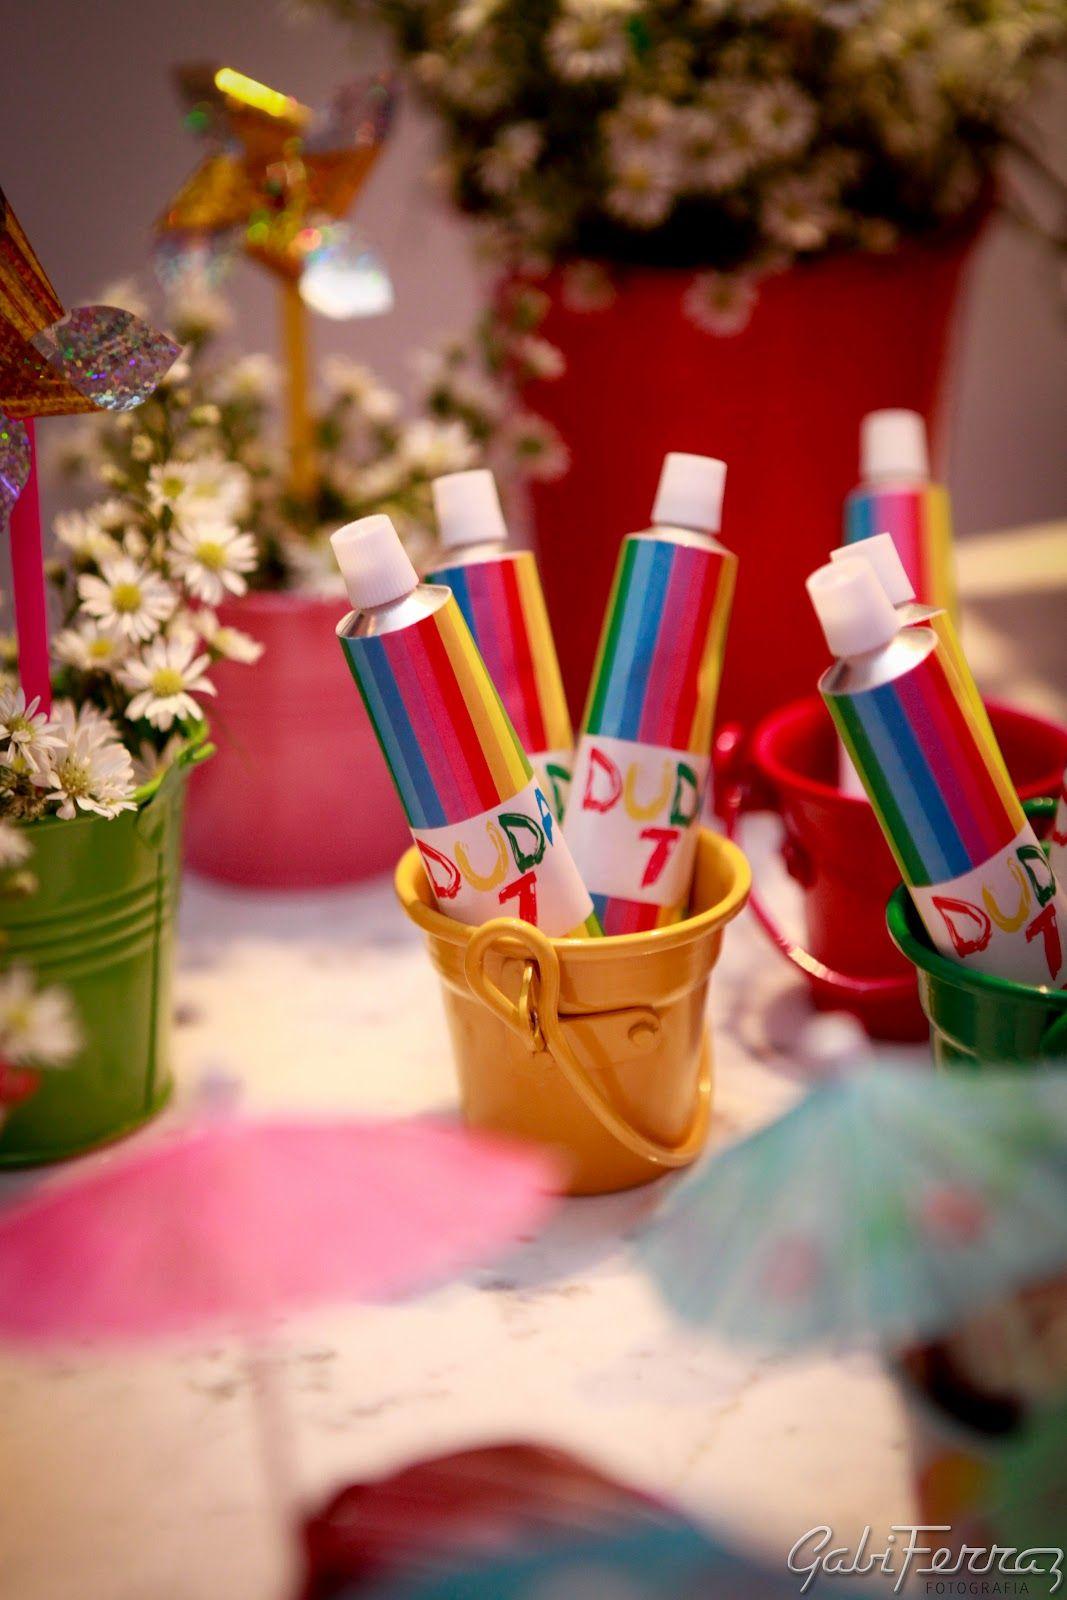 Quantas cores nessa festa!!  Festa infantil bonita e alegre se faz assim, bem colorida!!! Tudo lindo nessa festa acontecida no Buffet Rosset...